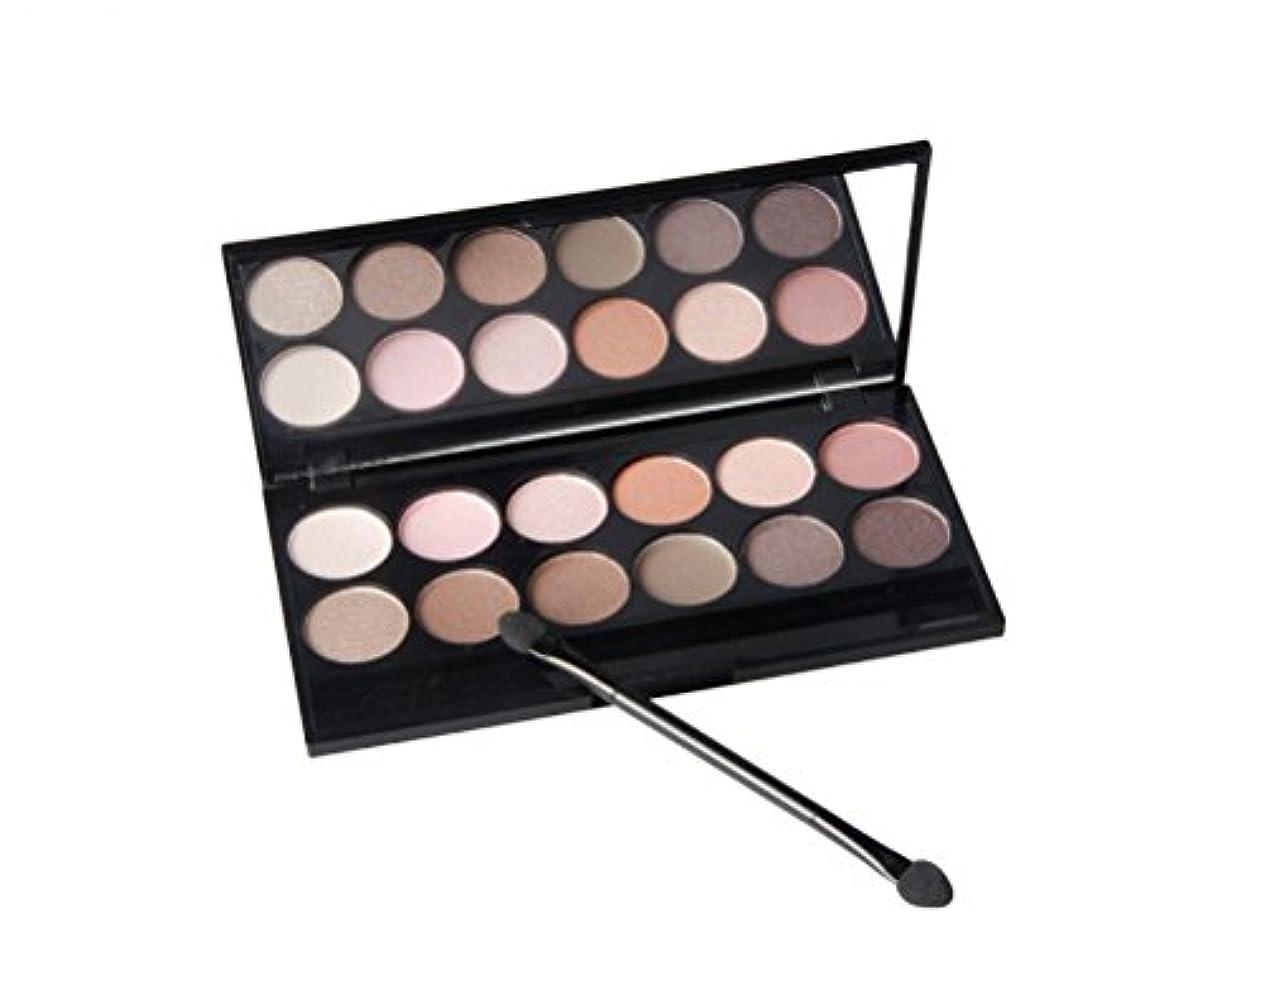 原点保持資産MakeupAcc アイシャドウパレット 12色 マット ピンク ヌード色 ブラウン スモーキー色 アイシャドー棒と化粧鏡付き [並行輸入品]